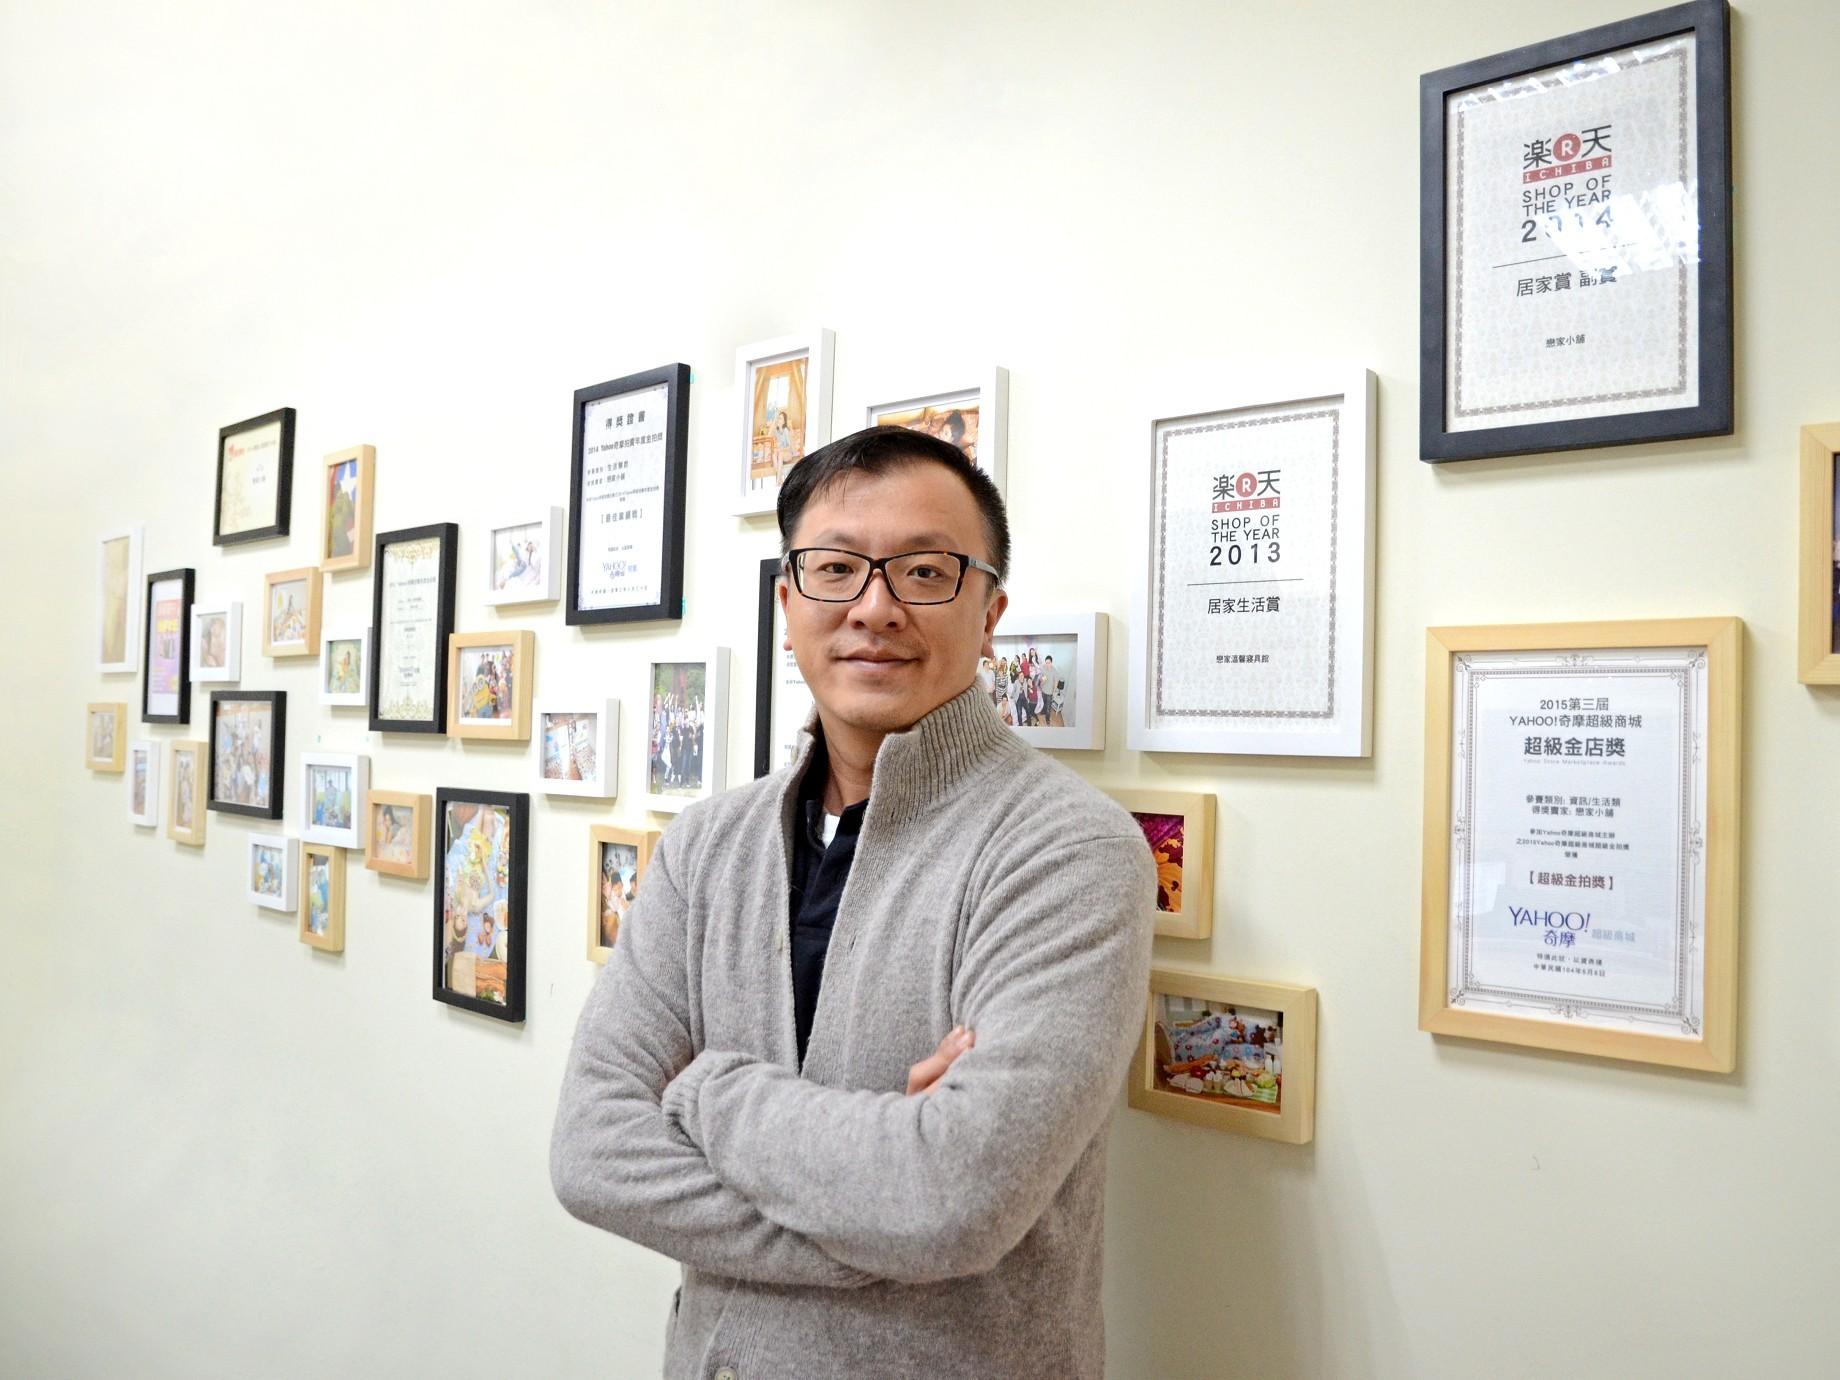 戀家小舖創辦人李忠儒:網路開店最常見的3個失敗因素